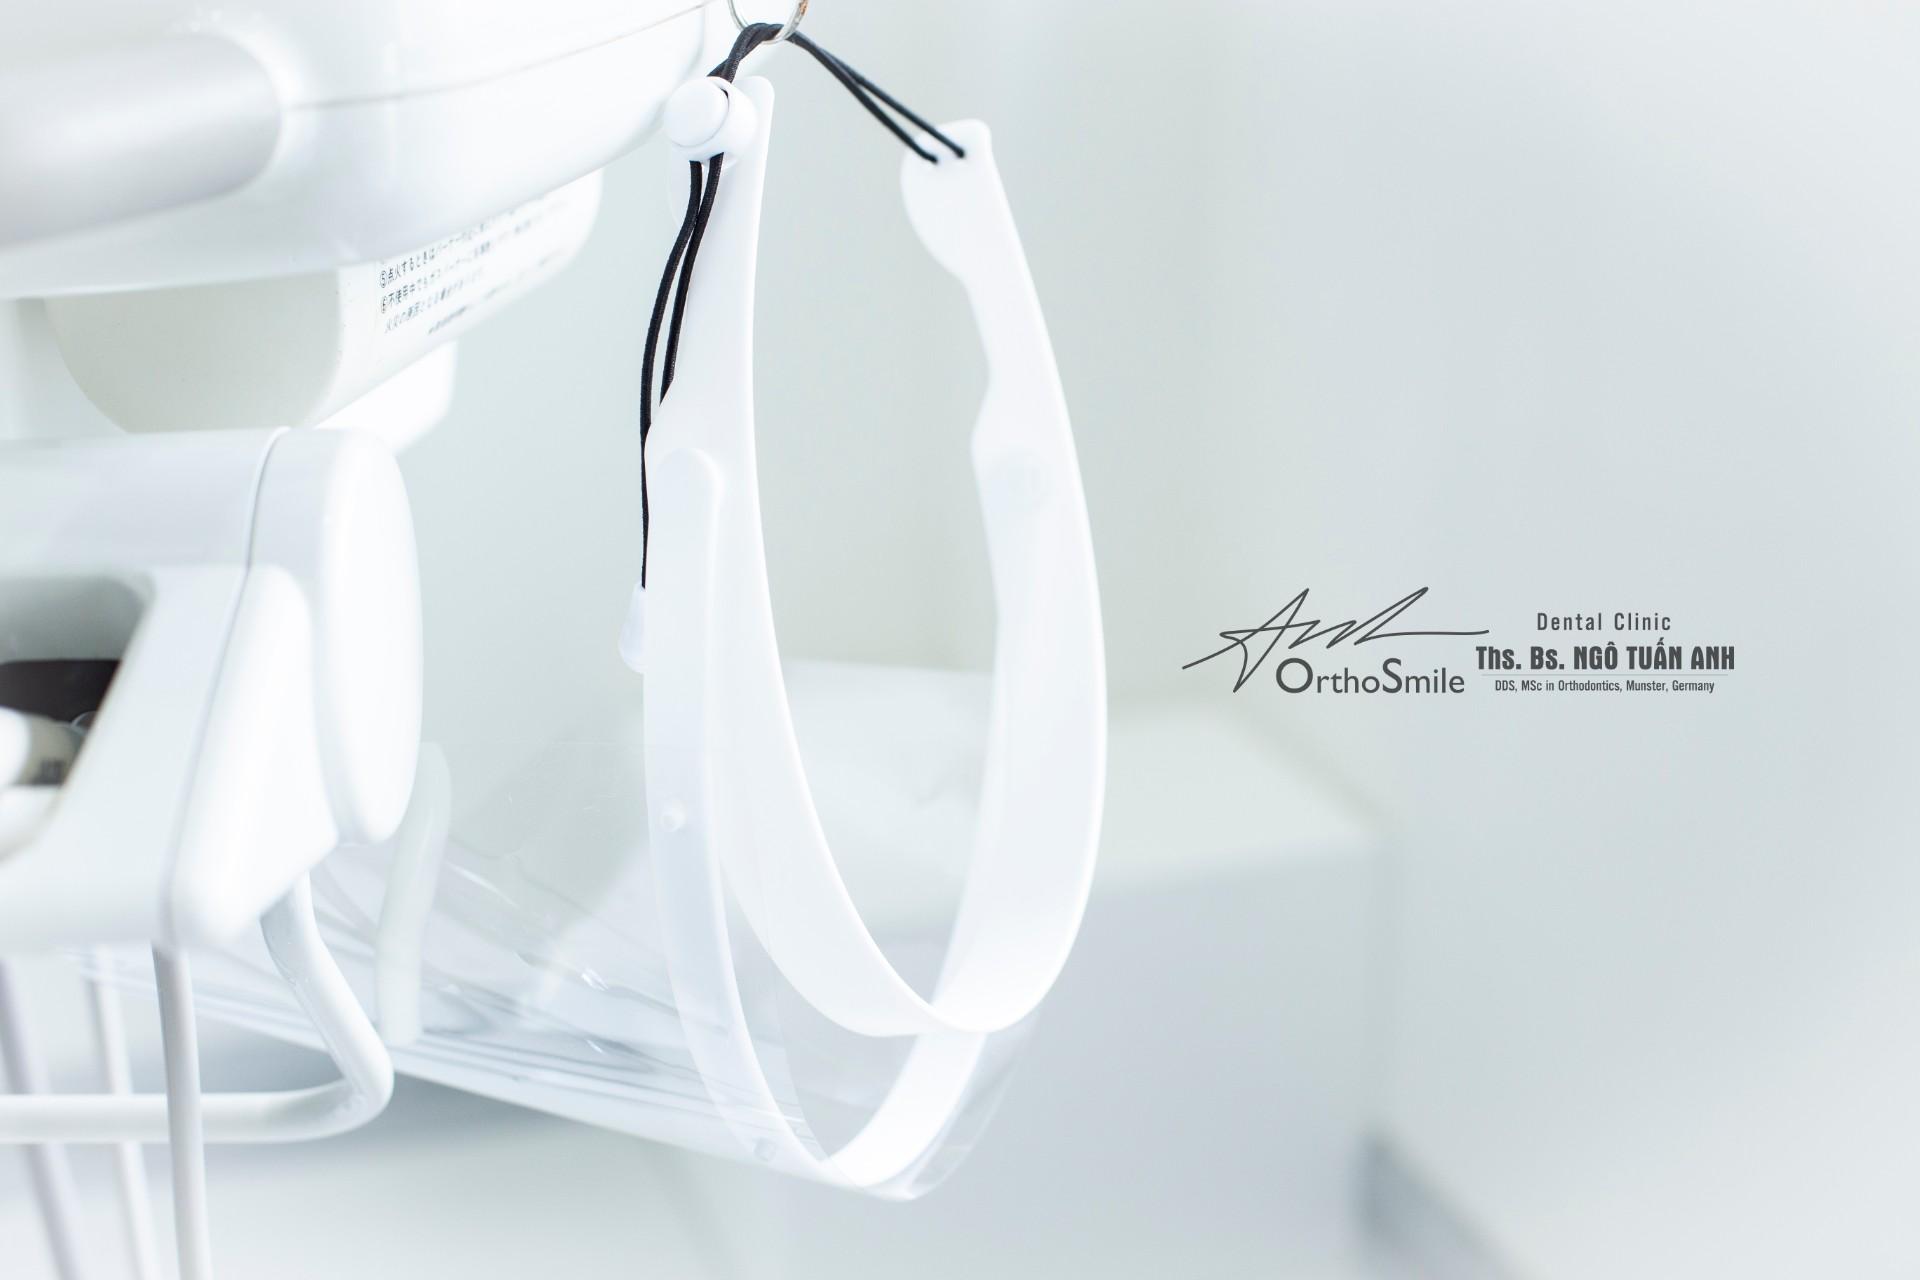 Dr  Ngo Tuan Anh Dental Clinic - Dr  Ngo Tuan Anh Dental